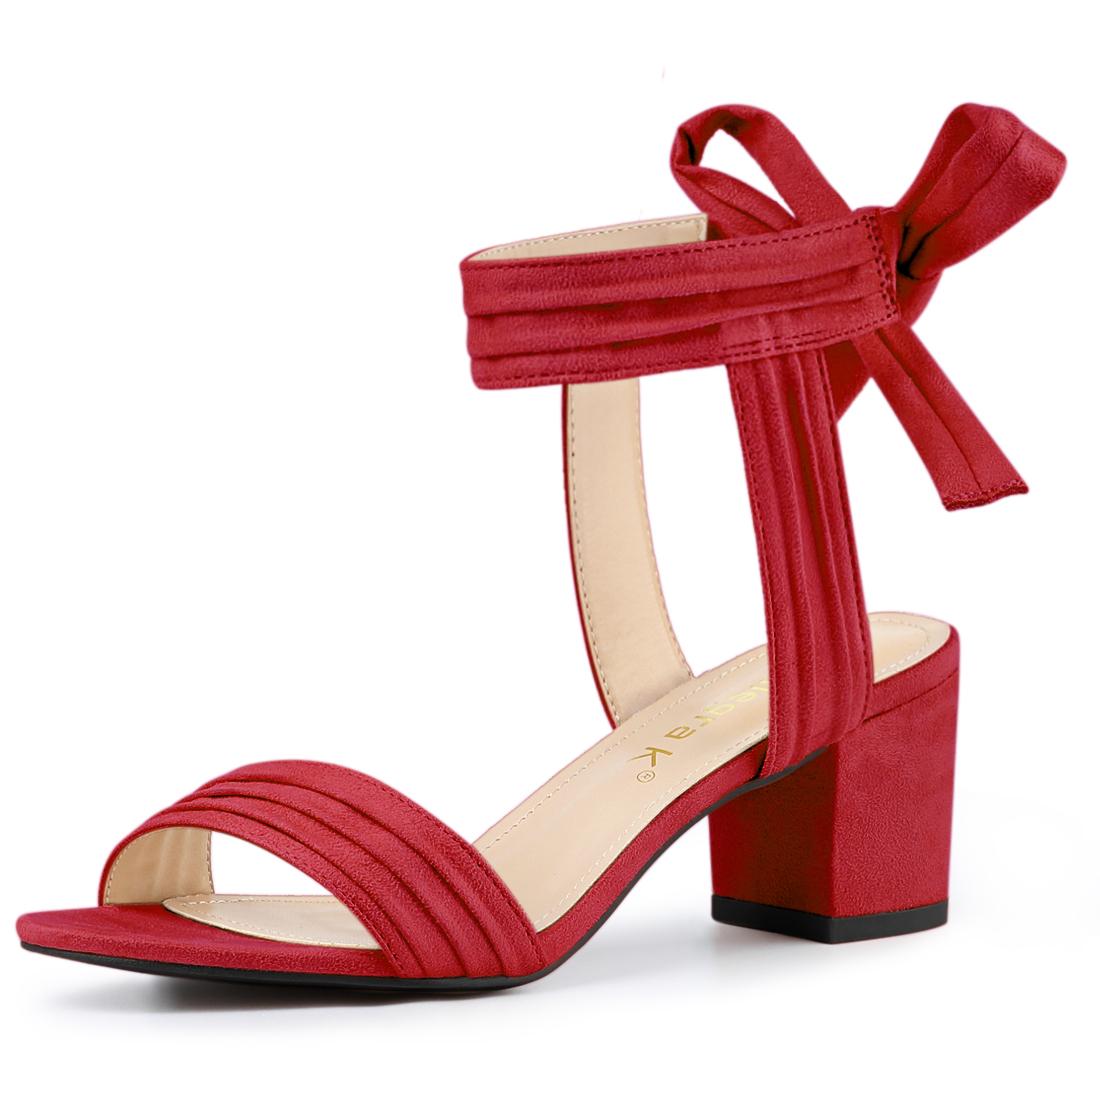 Allegra K Women's Open Toe Ankle Tie Back Block Heel Sandals Red US 5.5